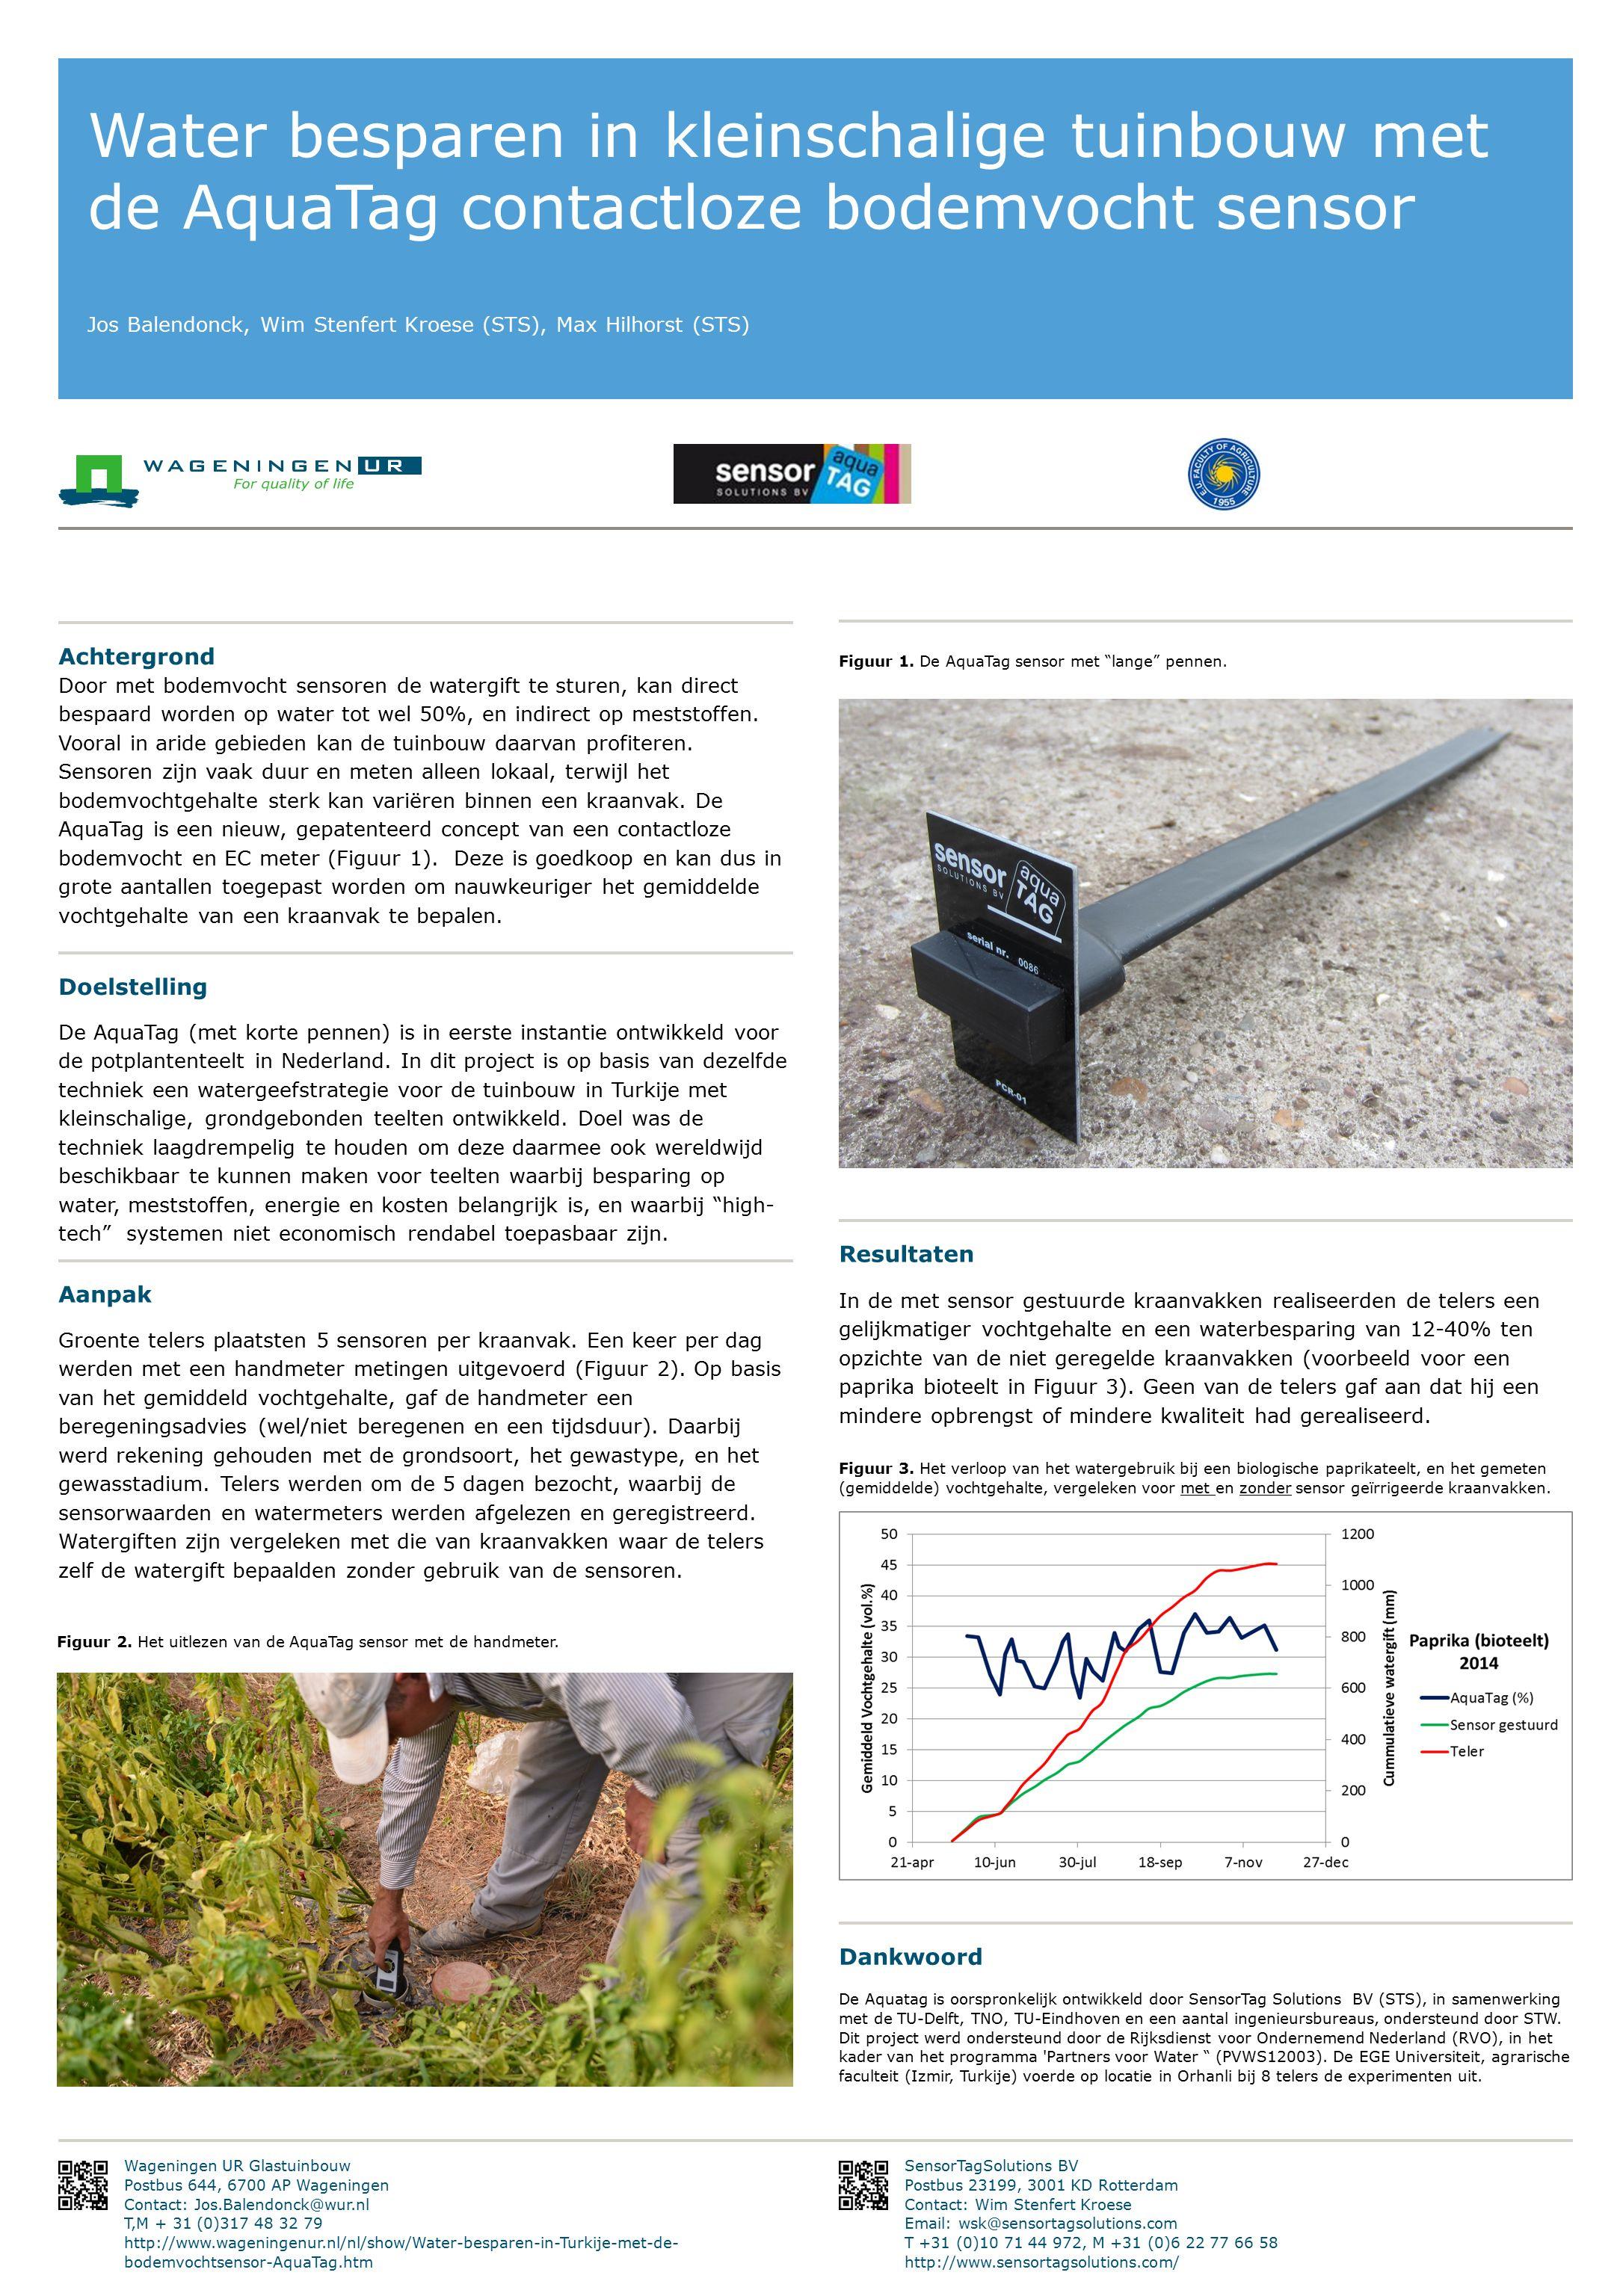 Water besparen in kleinschalige tuinbouw met de AquaTag contactloze bodemvocht sensor Jos Balendonck, Wim Stenfert Kroese (STS), Max Hilhorst (STS) Ac